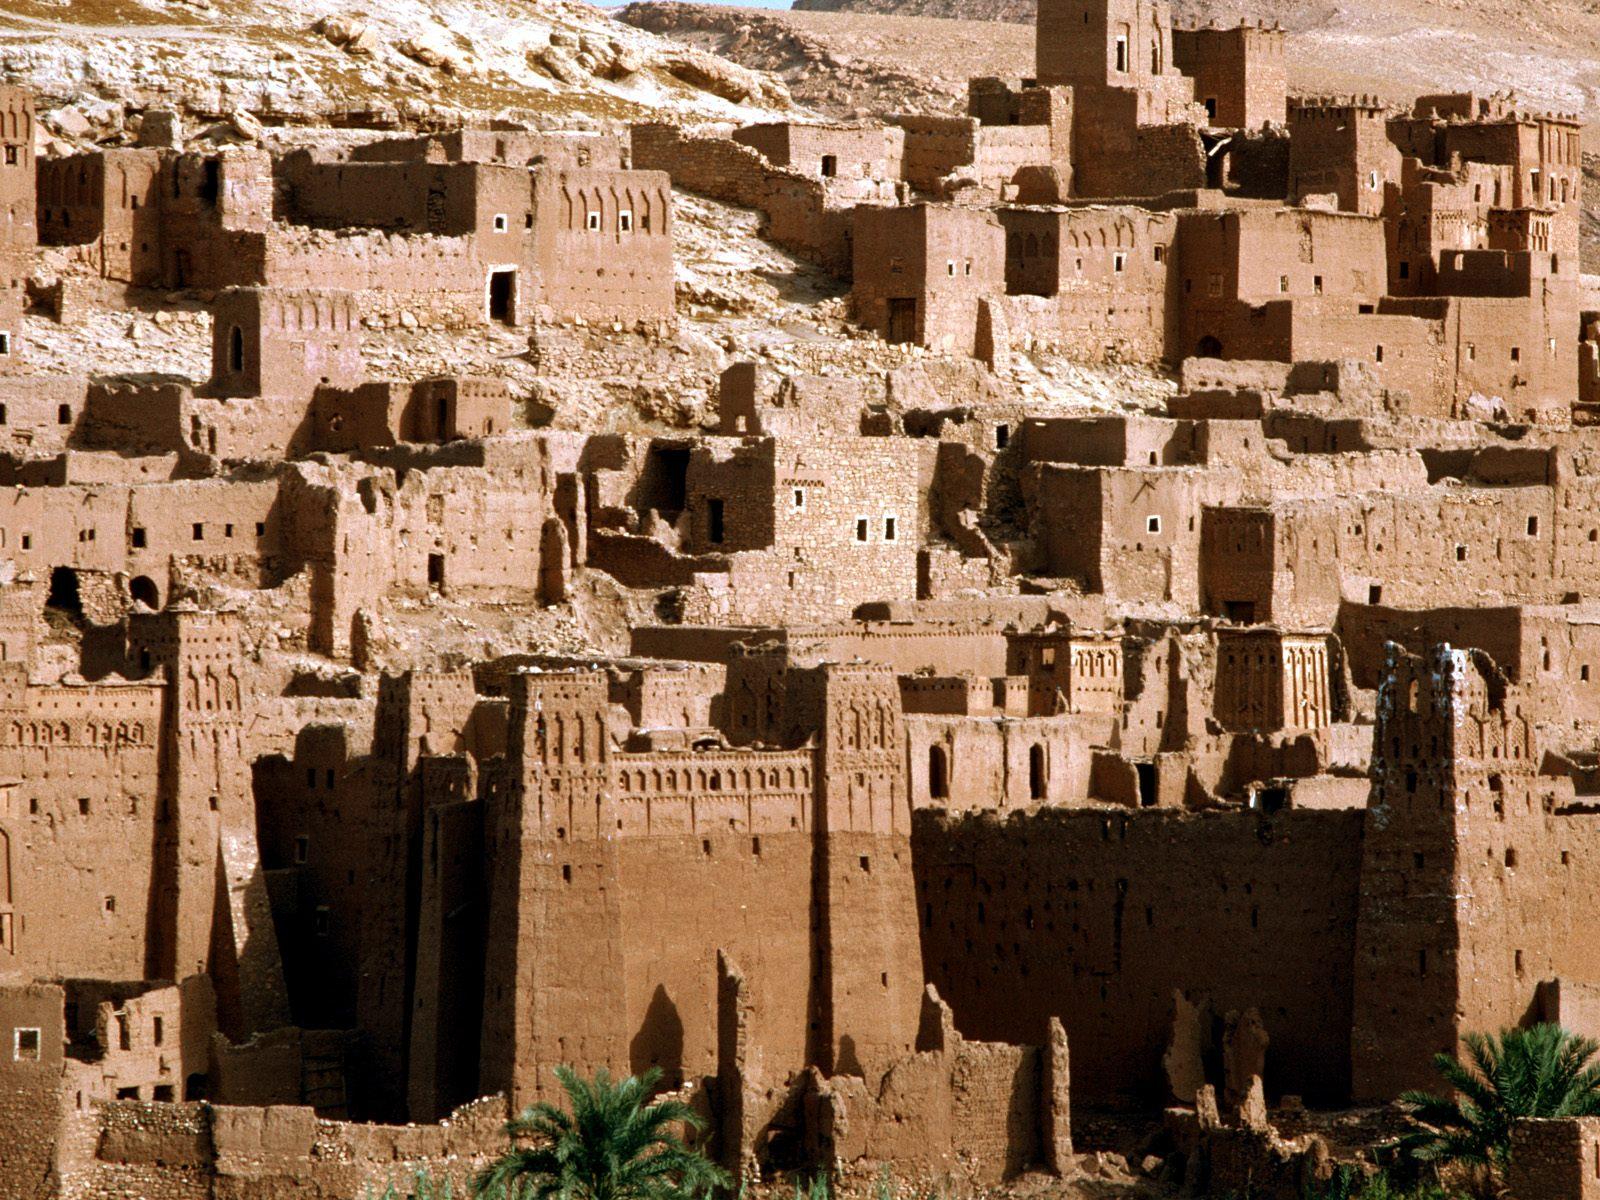 http://1.bp.blogspot.com/_kw1VD16J_Xw/SwfAYhjVlqI/AAAAAAAACik/fQp-pkAf21o/s1600/Ait+Ben+Haddou,+Morocco.jpg